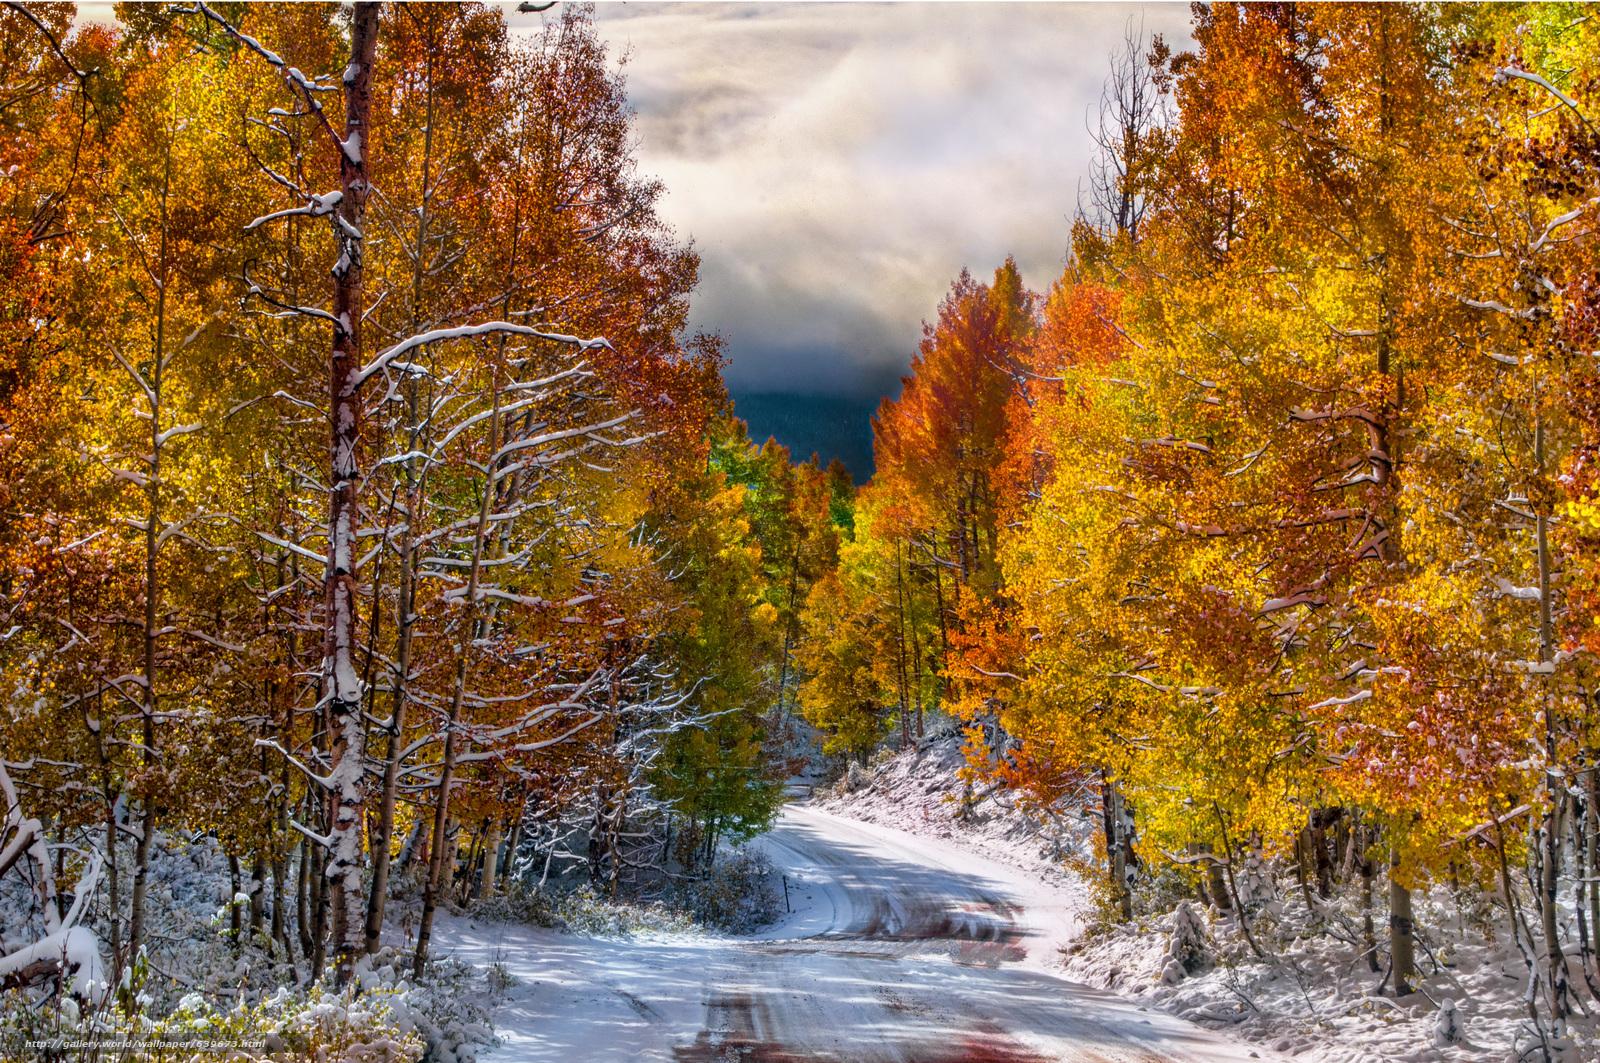 разным осенний пейзаж со снегом фото каждой